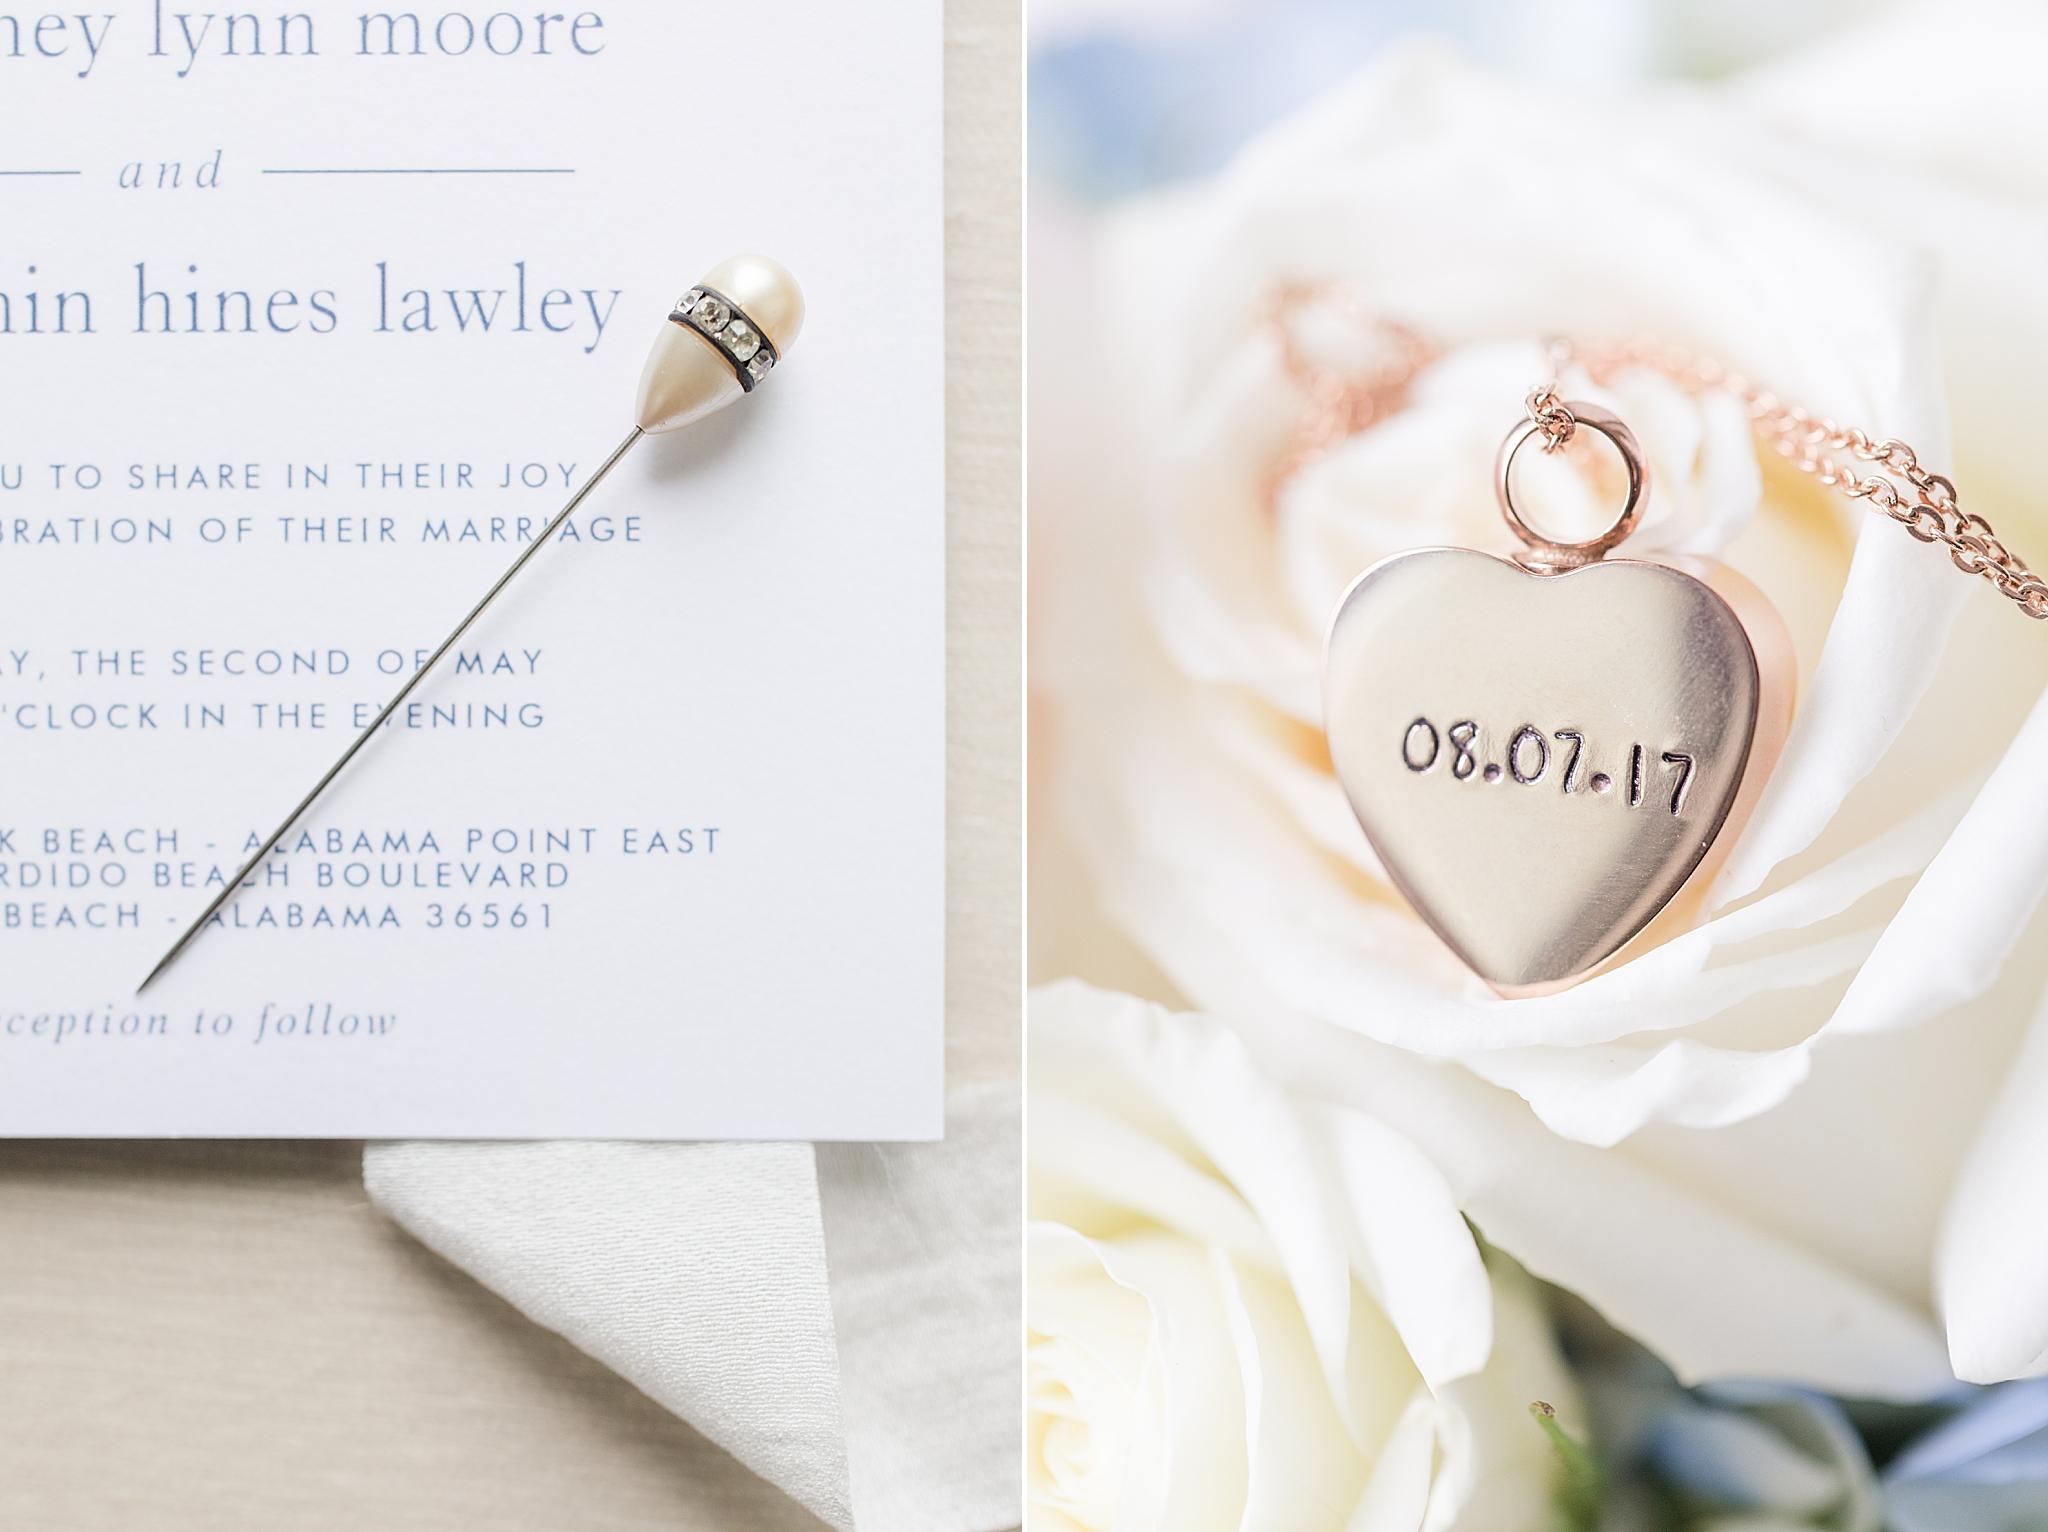 Alabama wedding details for beach bride